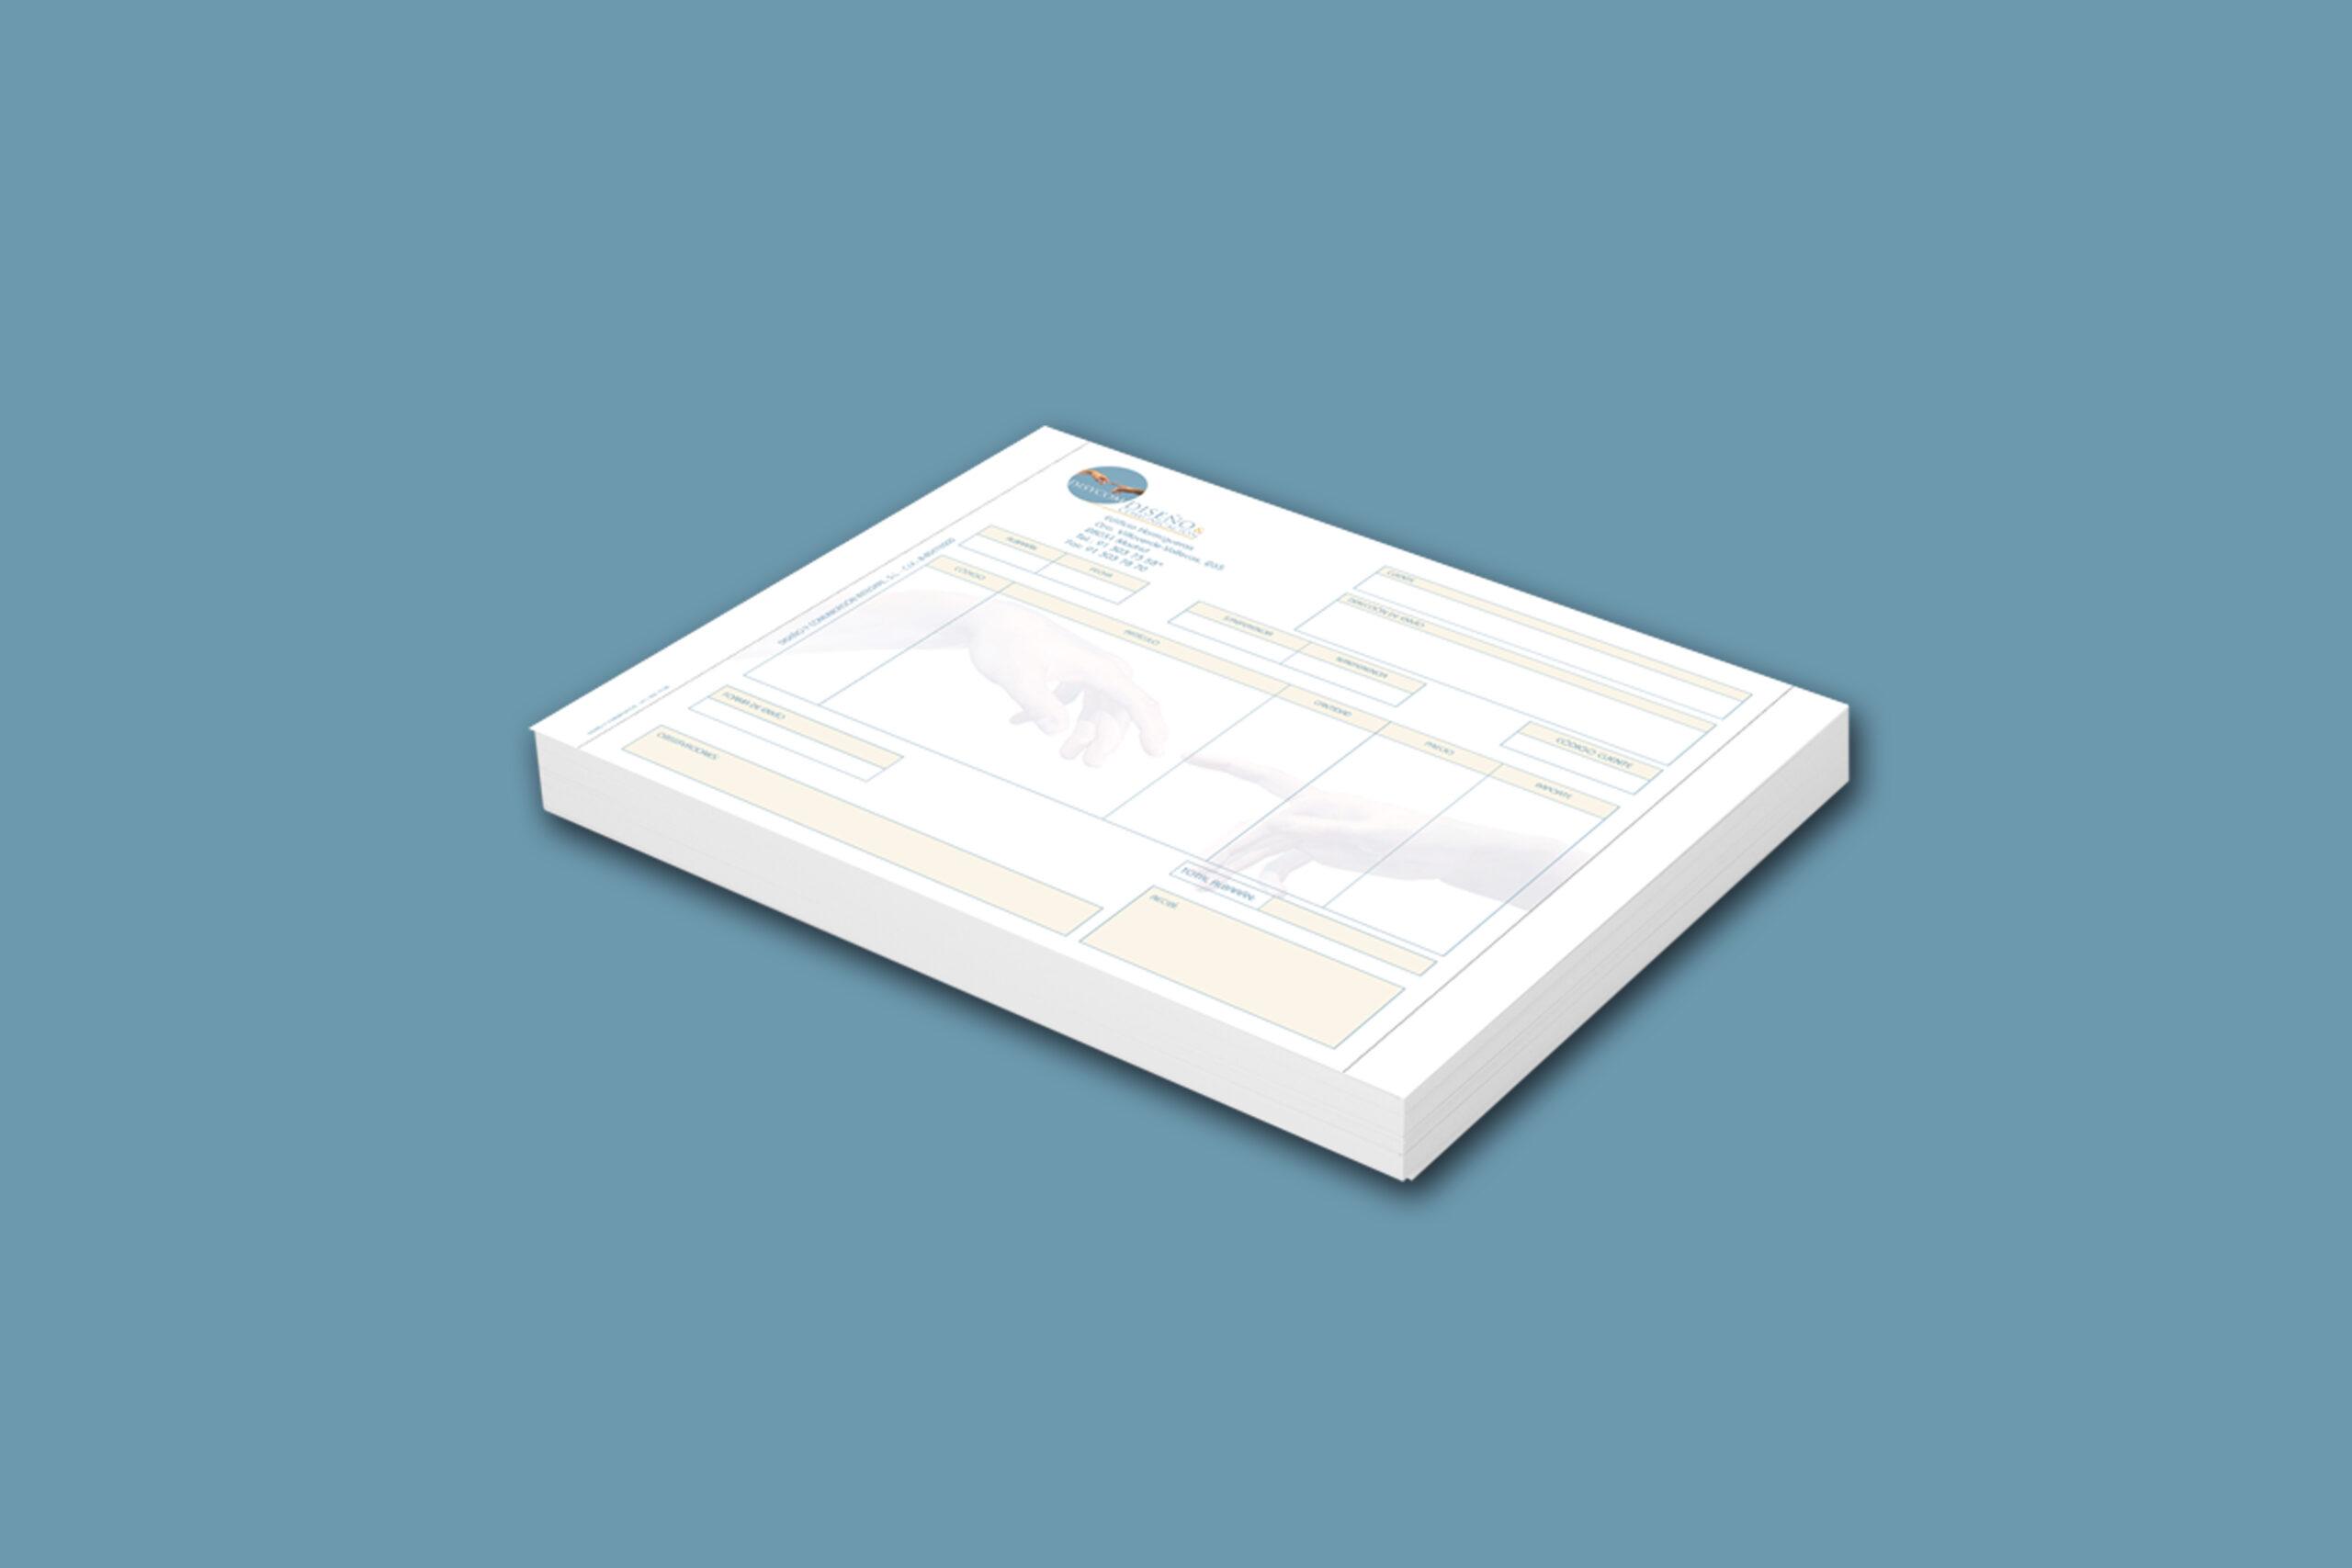 Imprimir facturas y albaranes